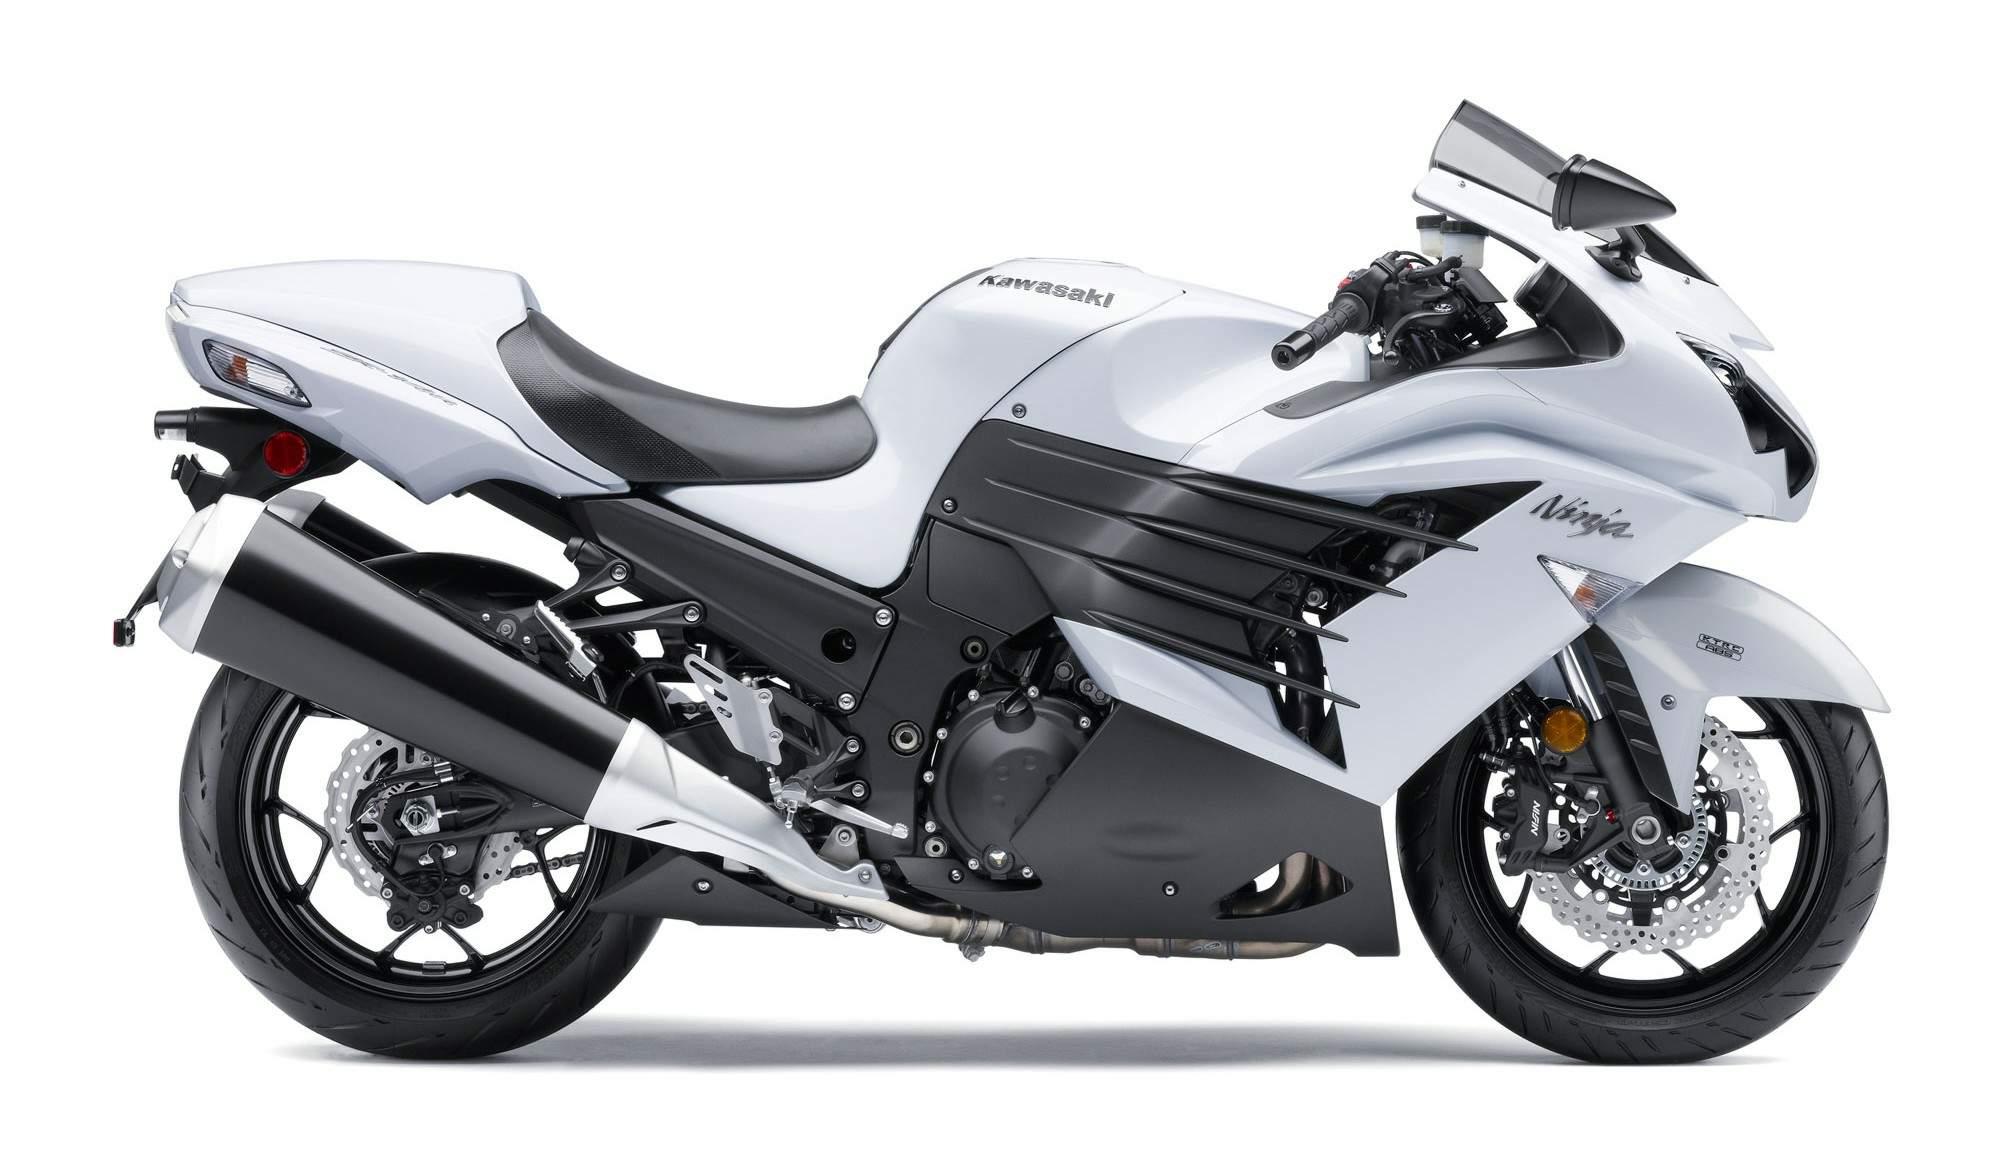 Kawasaki Motorcycle Corporation